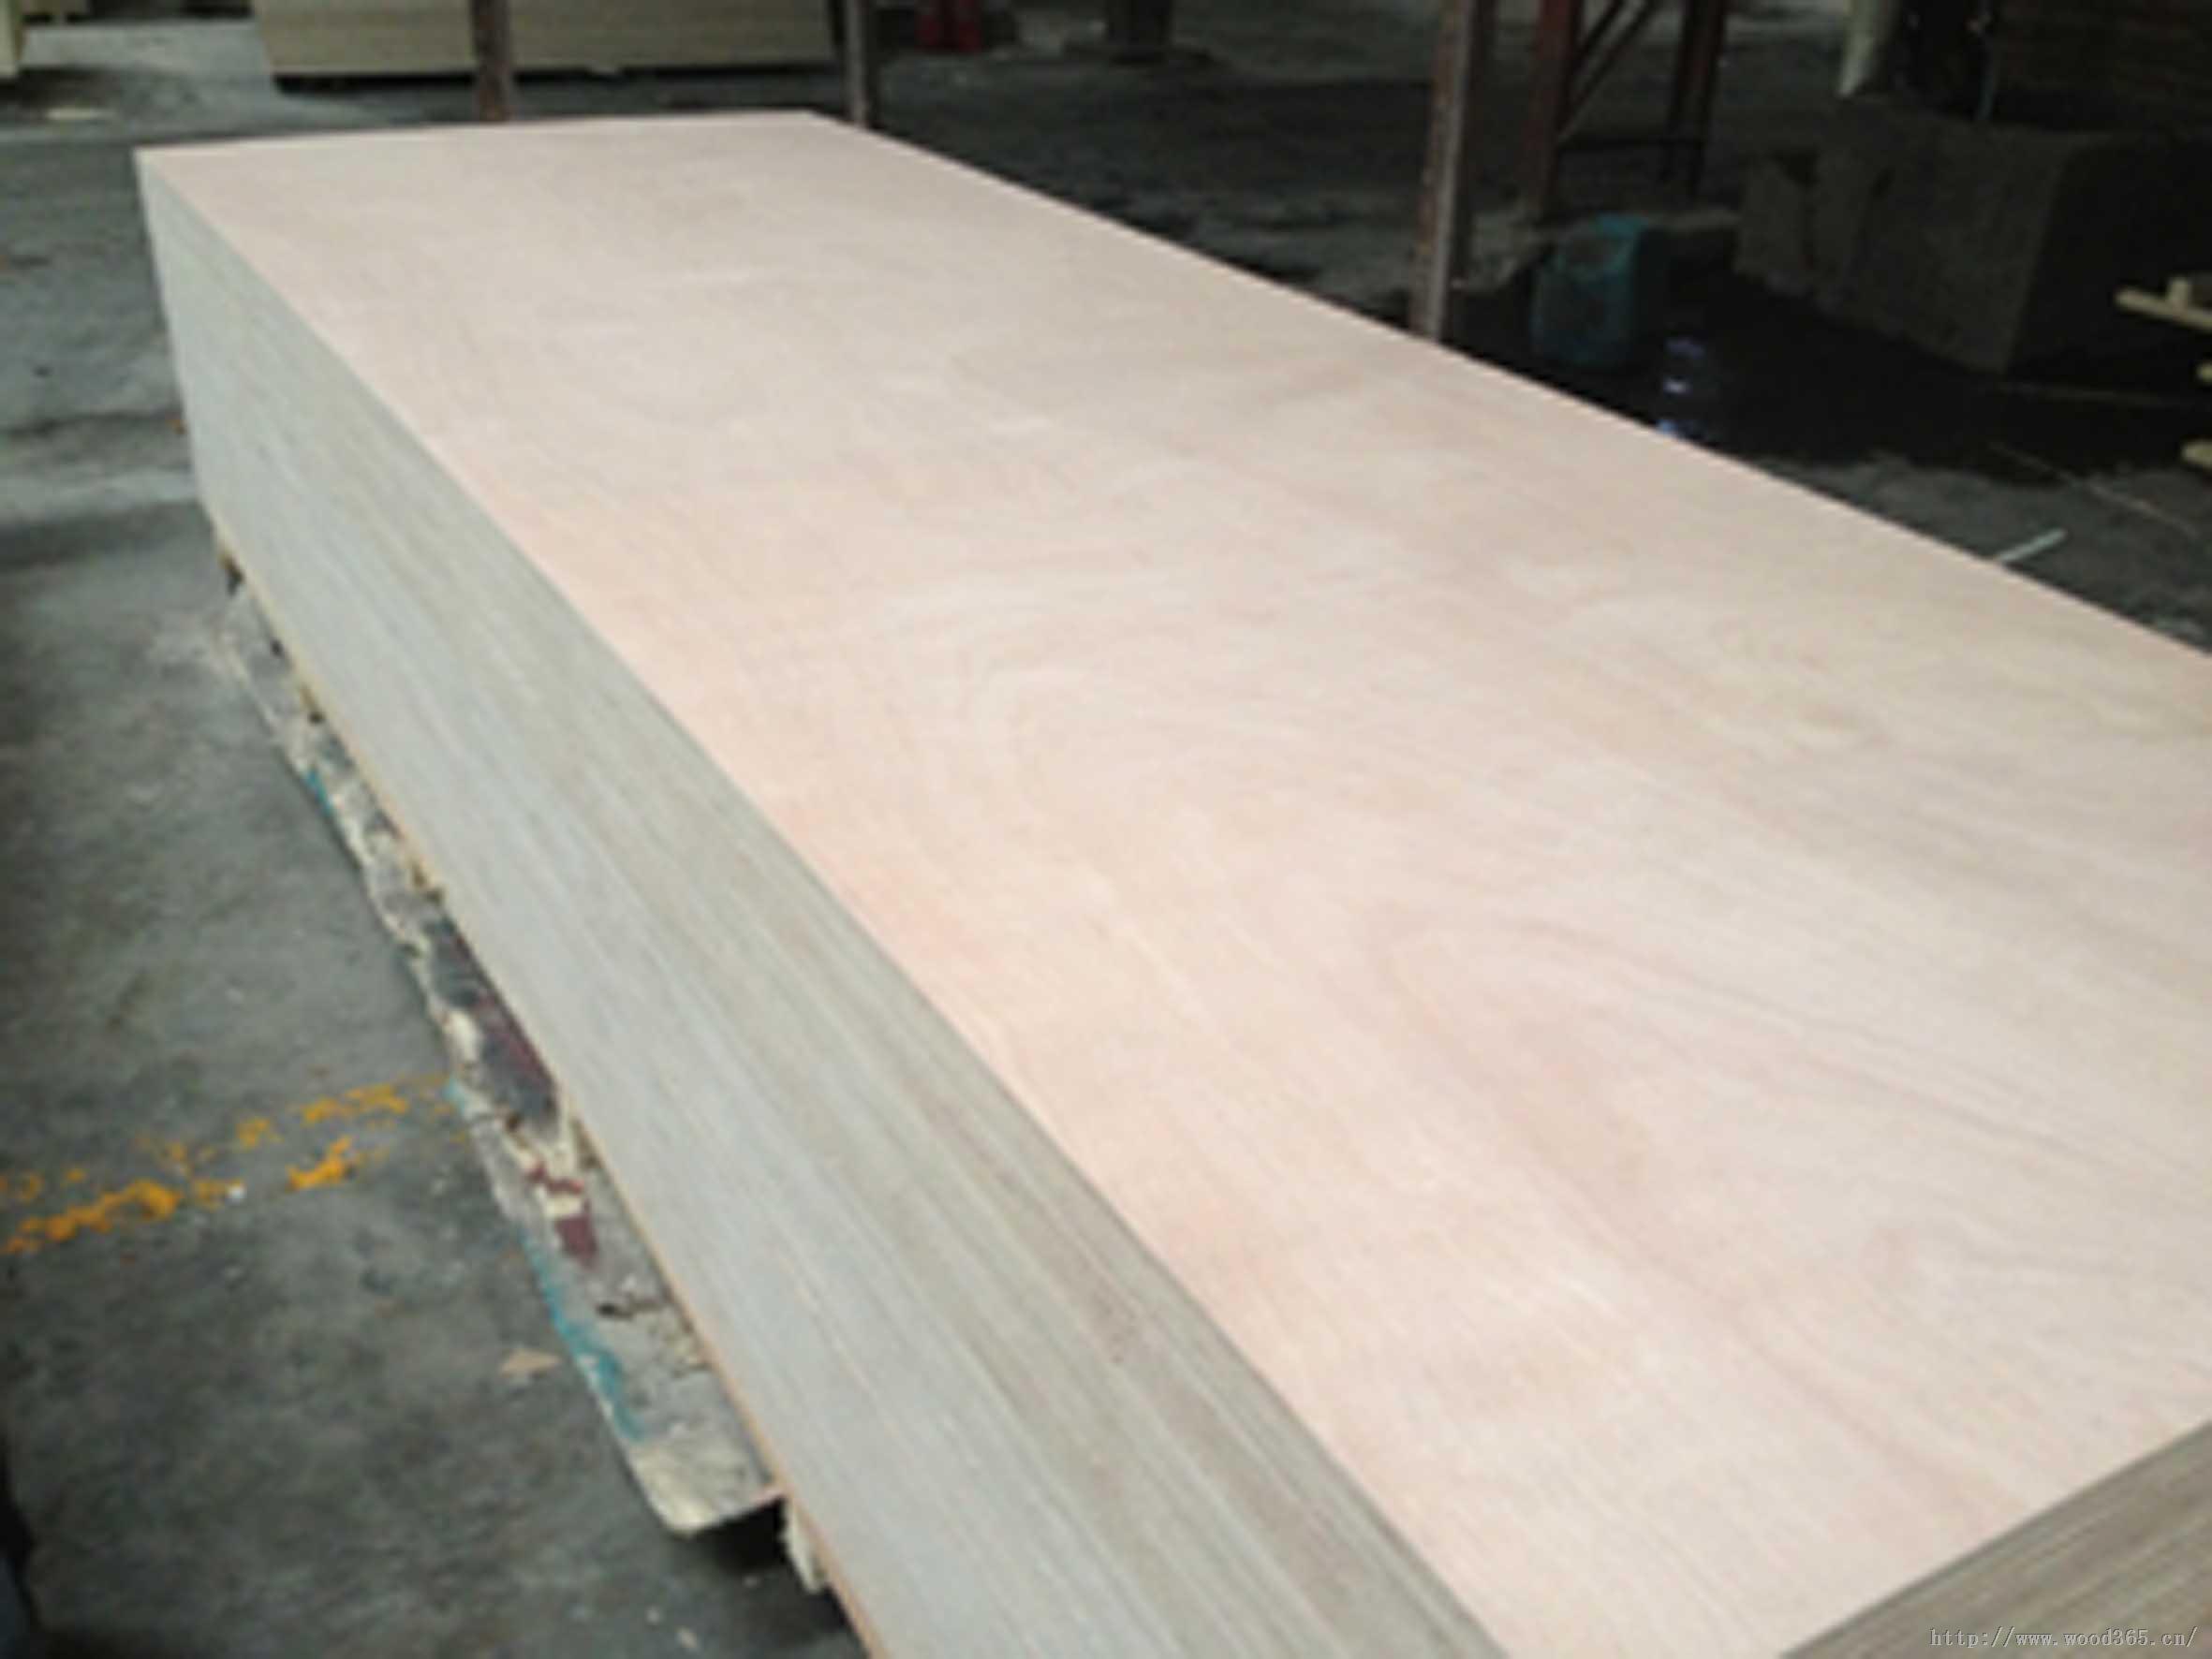 山东峰泰木业有限公司-大尺寸胶合板规格最全